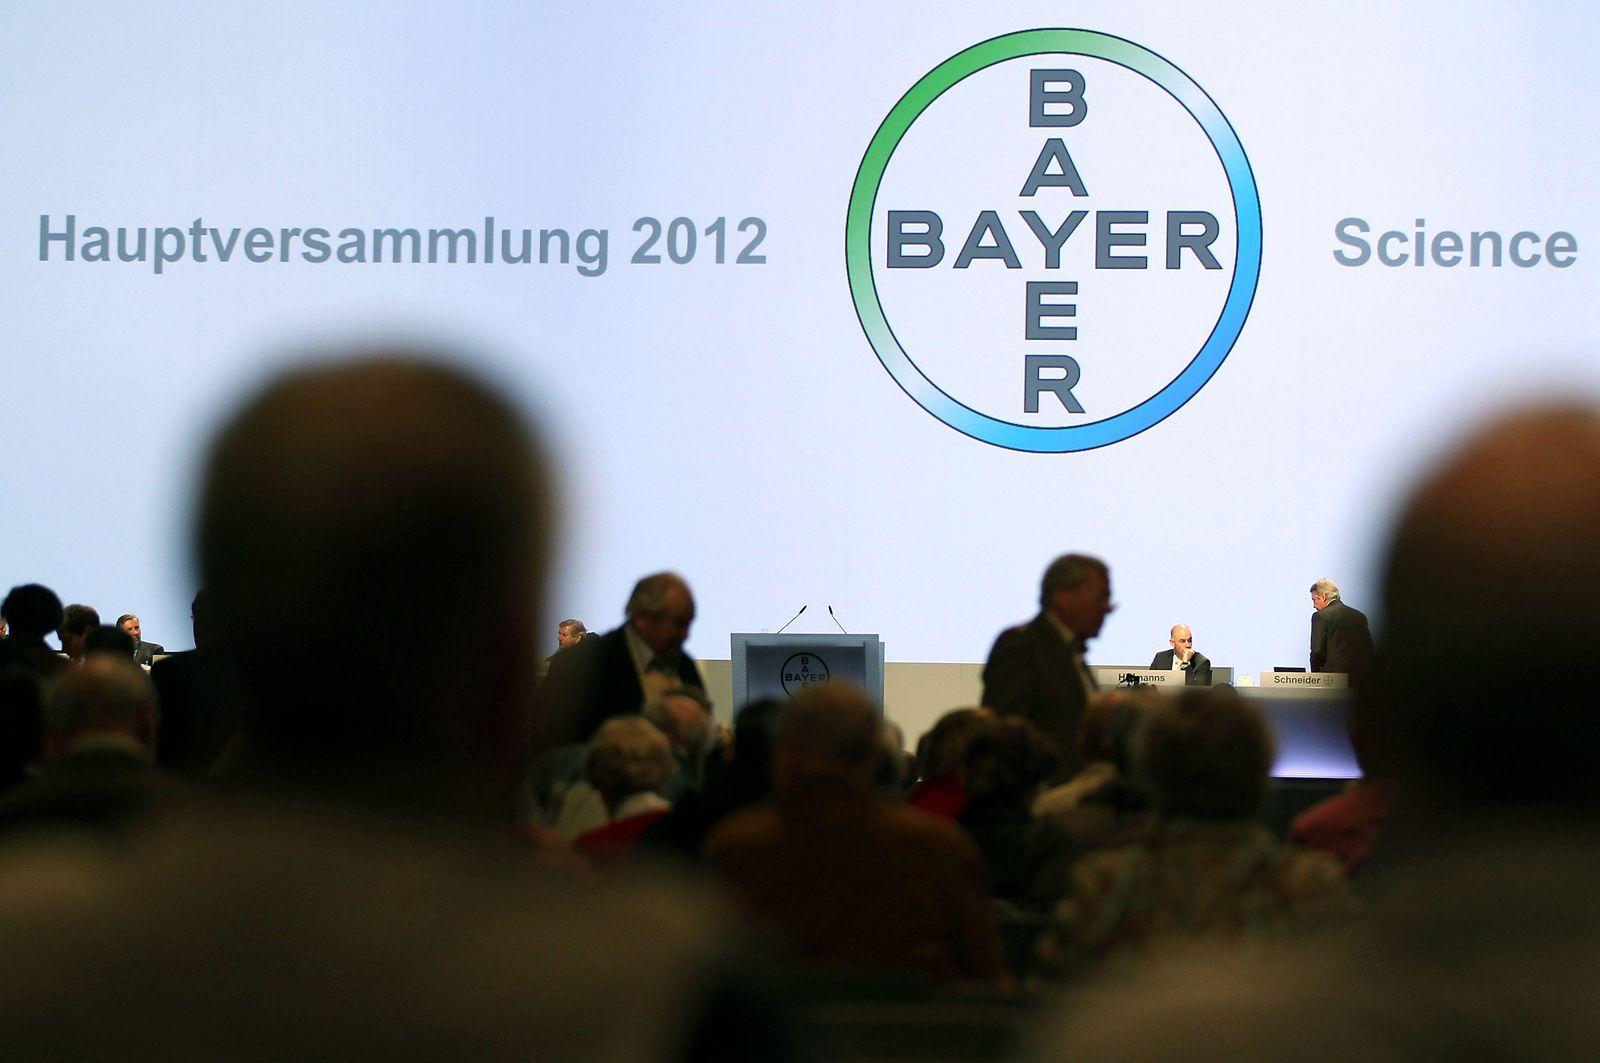 Bayer Hauptversammlung